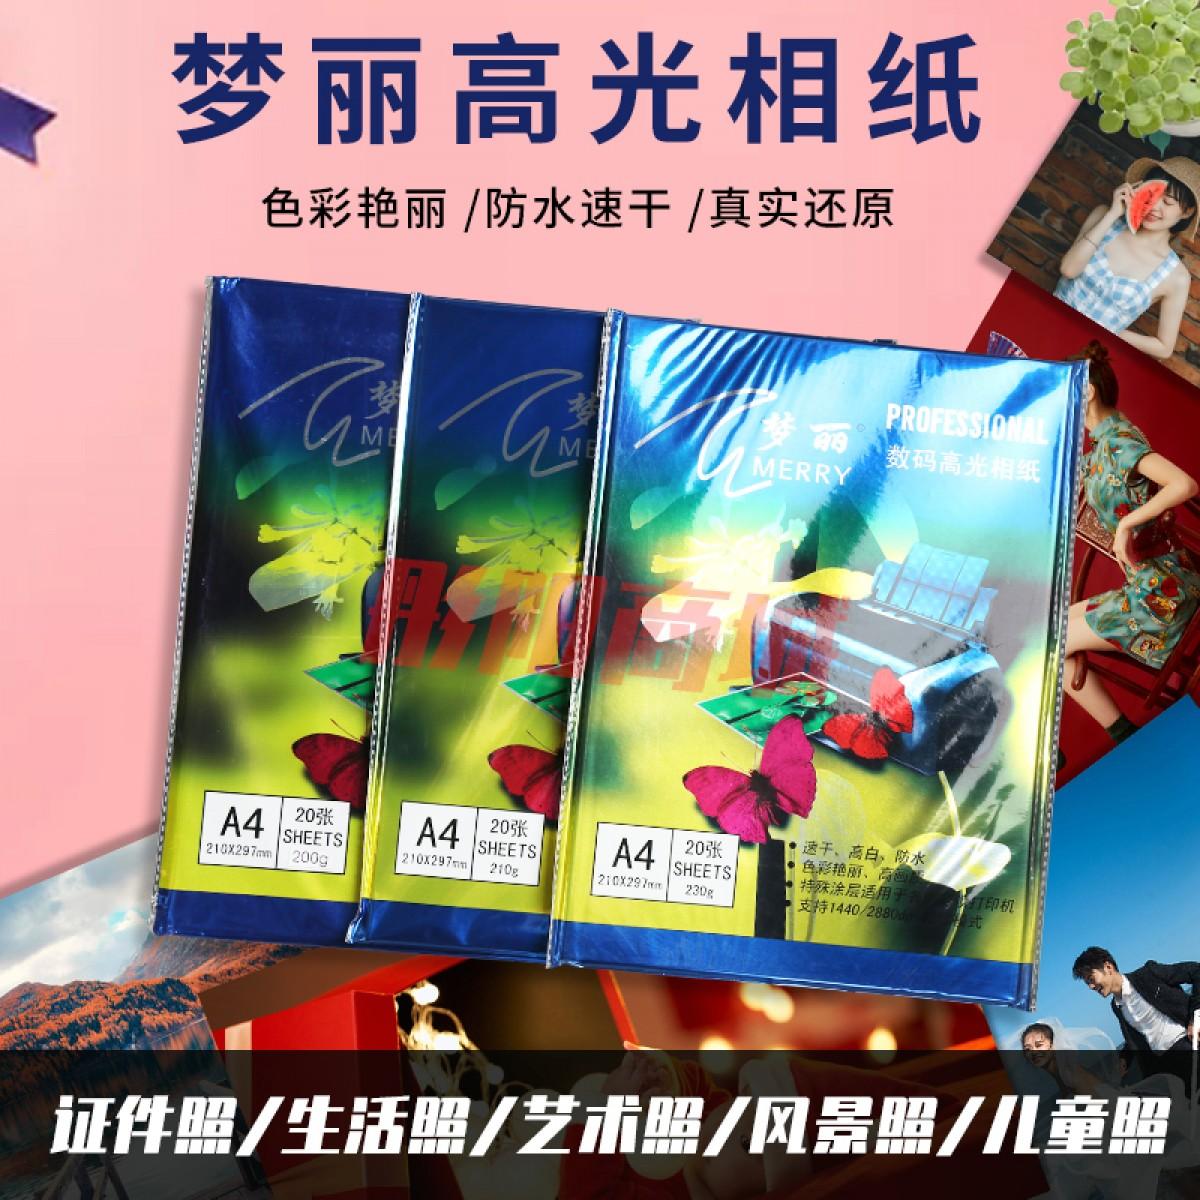 梦丽230克RC防水高光相纸A4相片纸210克照片纸200克喷墨打印相纸